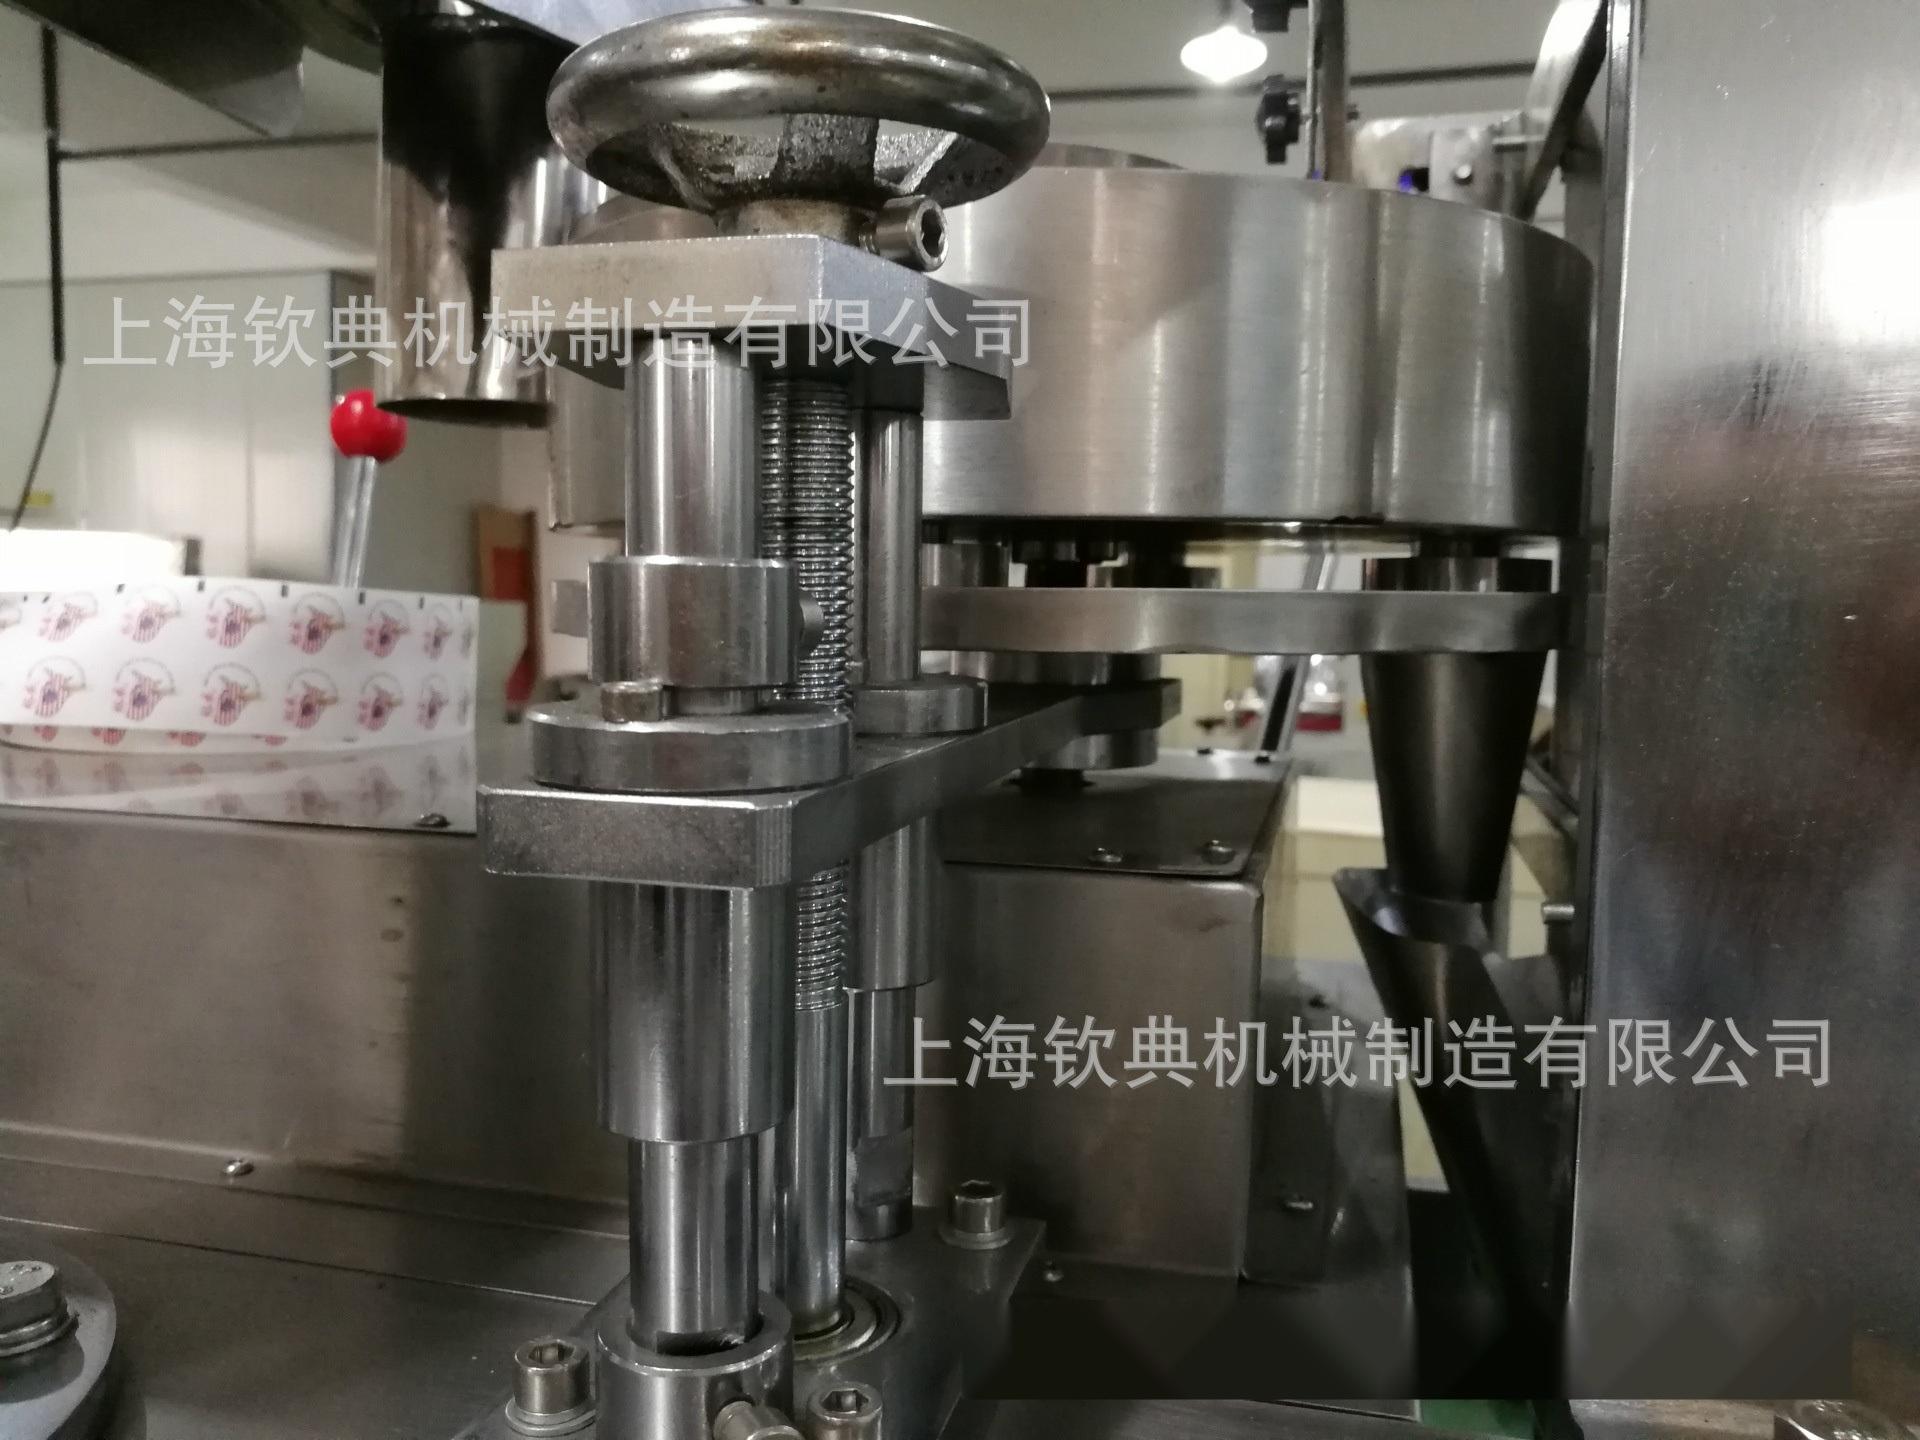 廠家定製欽典多功能全自動掛線籤袋泡茶葉充填灌裝封口包裝機